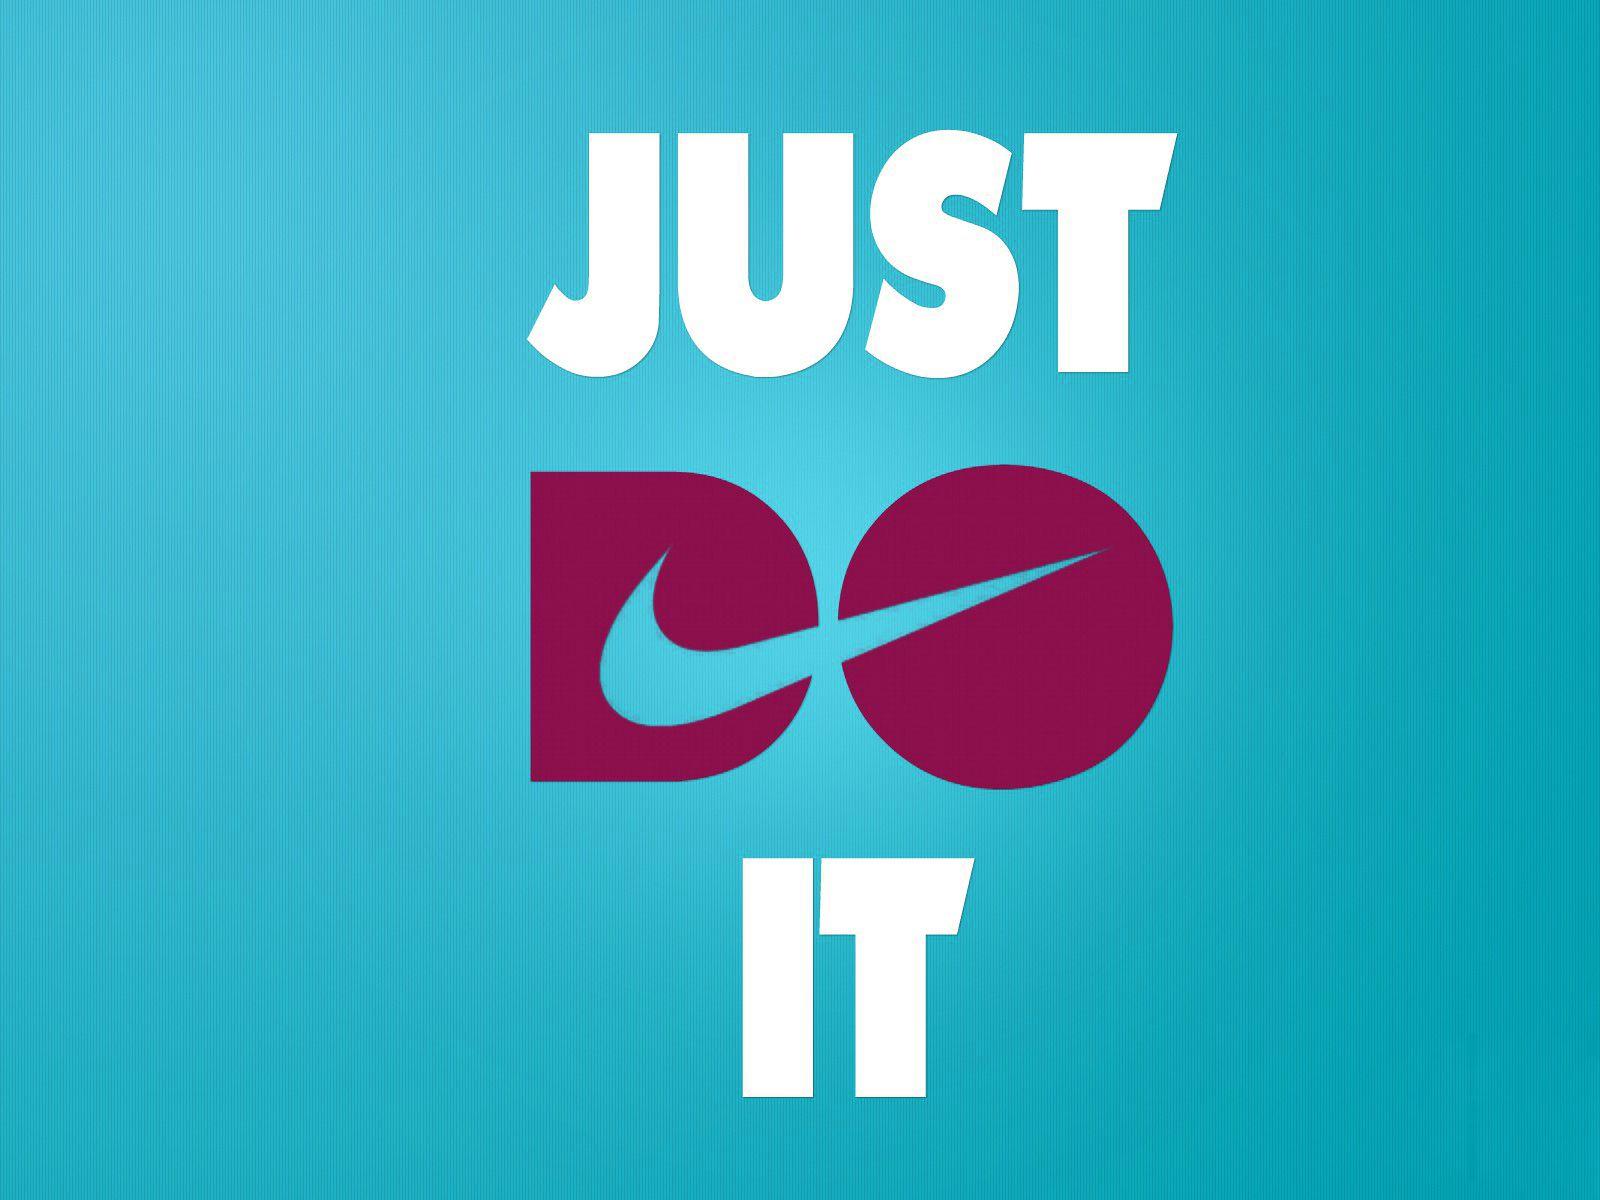 Hd wallpaper nike - Nike Just Do It Wallpaper Nike Just Do It Hd Wallpaper Wallpaper 1600 900 Nike